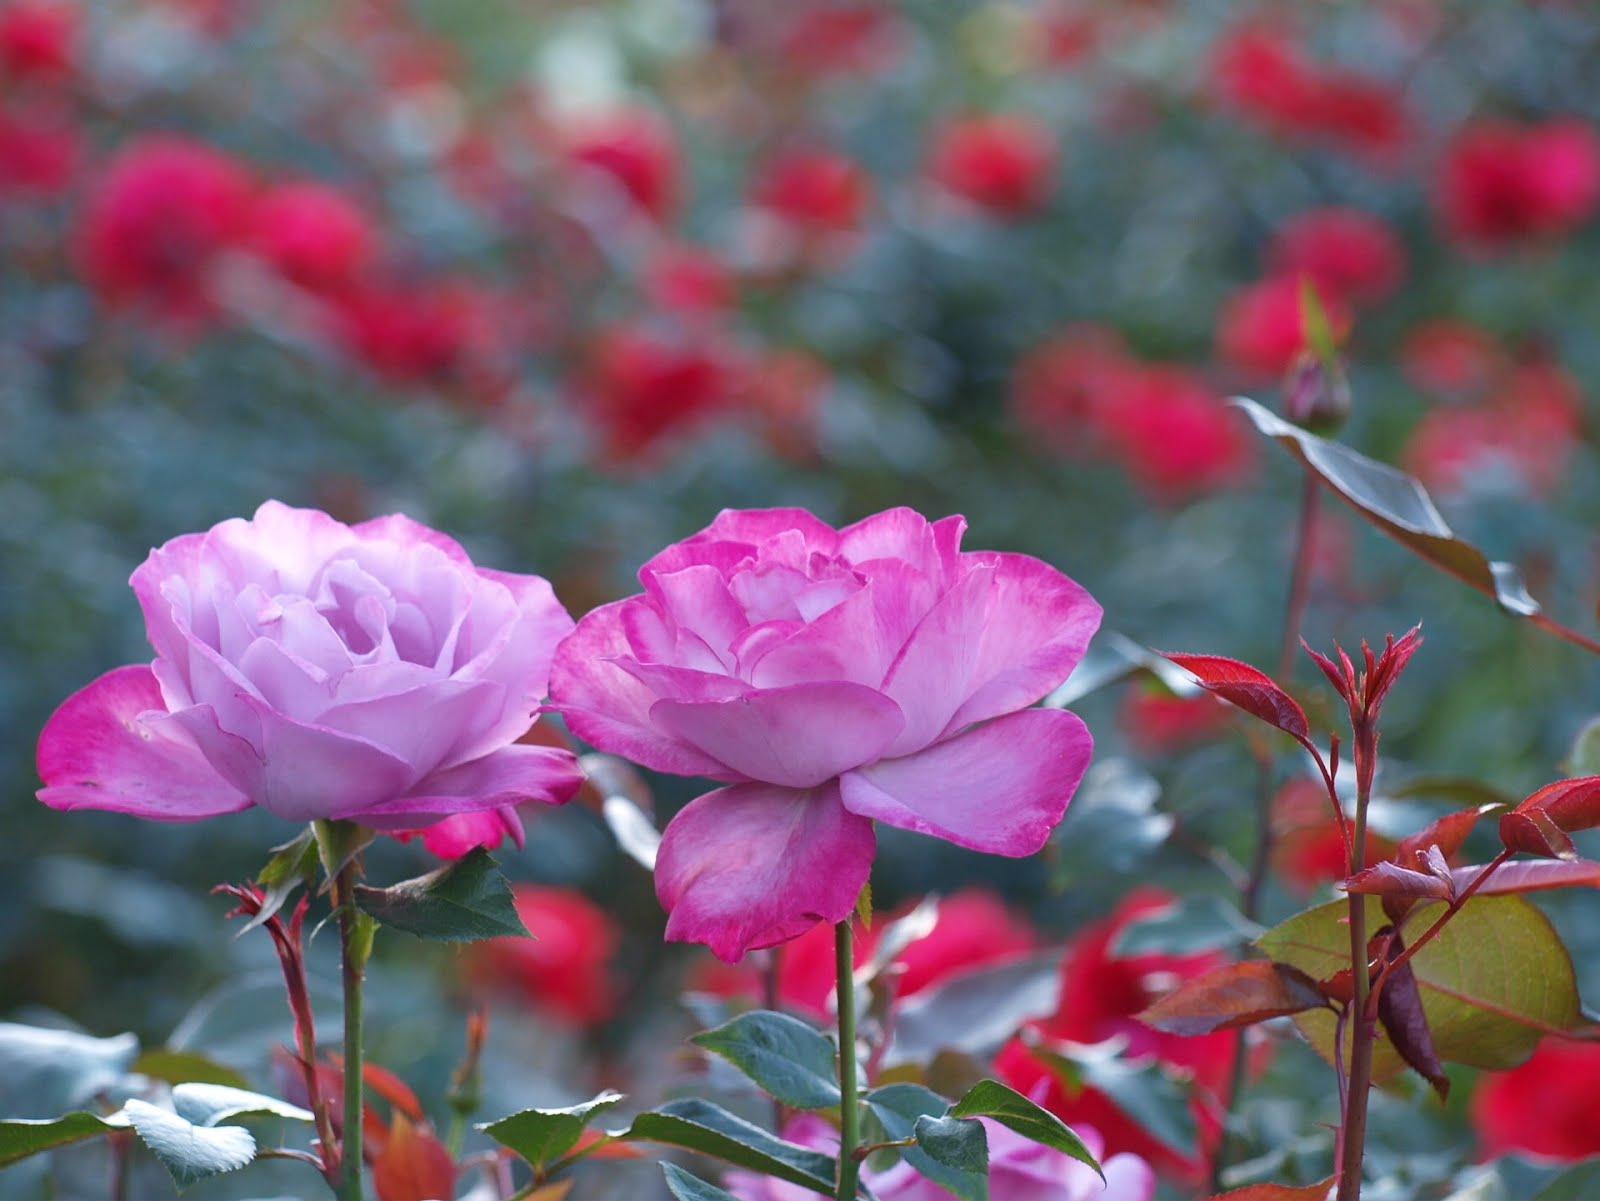 Imagenes De Jardin De Rosas - Jardin De Rosas Imágenes De Archivo Vectores 123RF